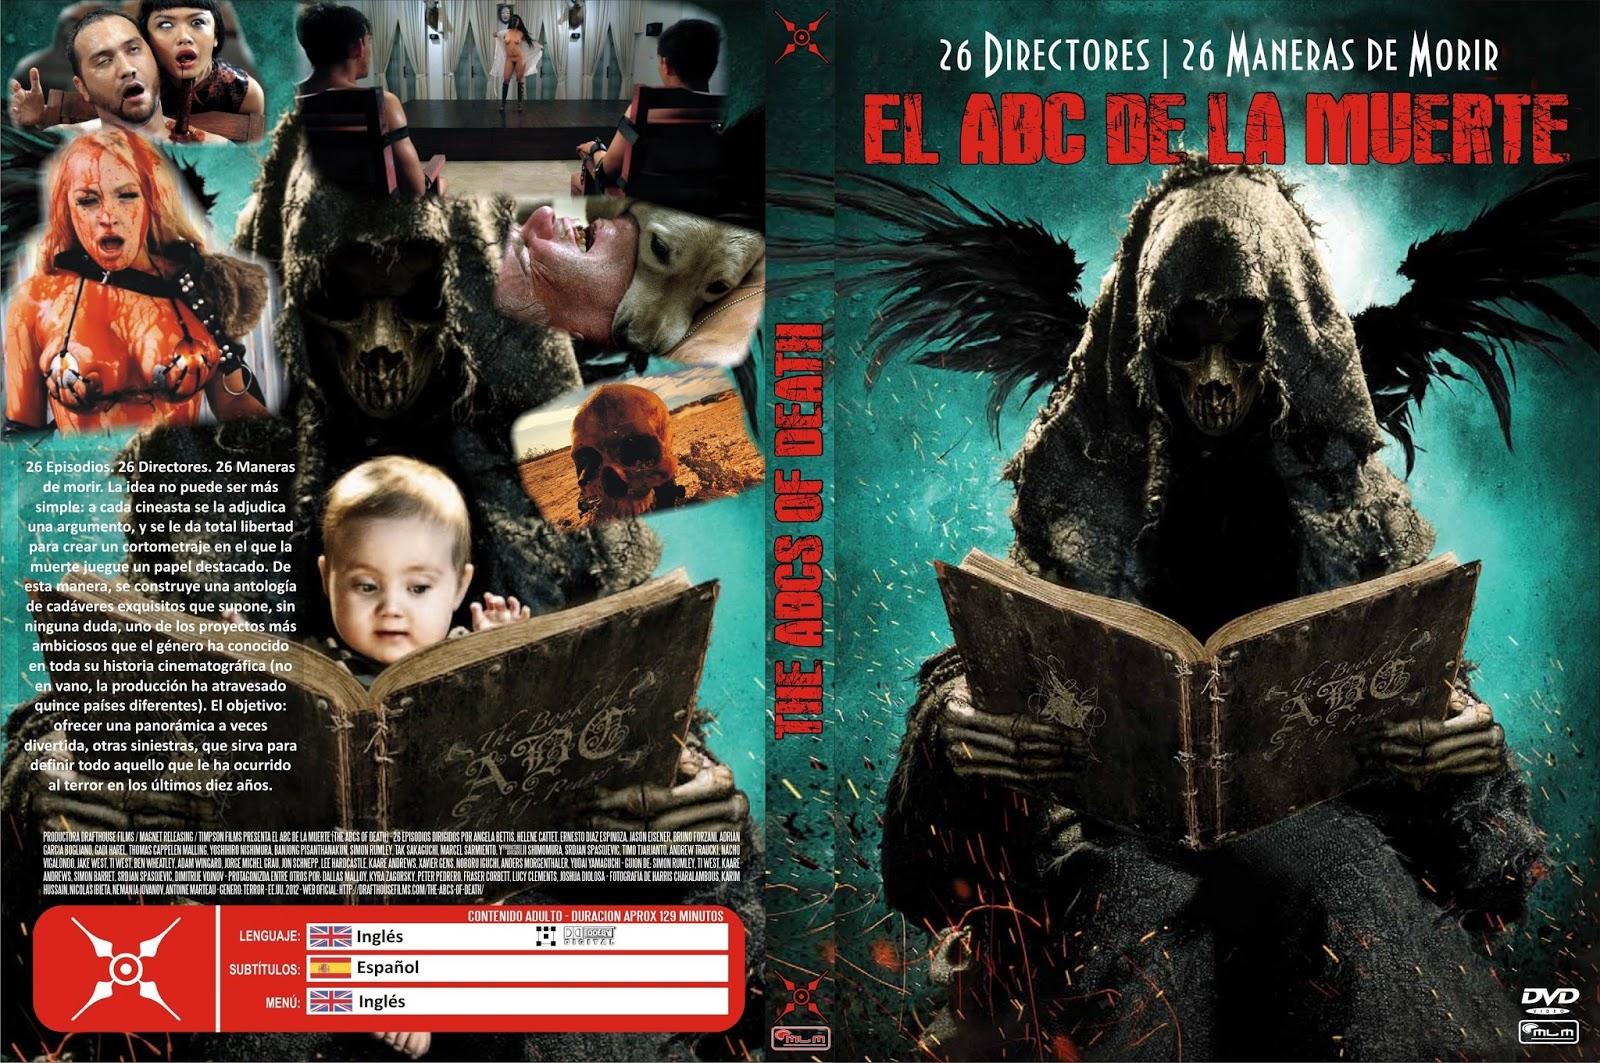 El ABC de la Muerte - 2012 [HD] [720p]